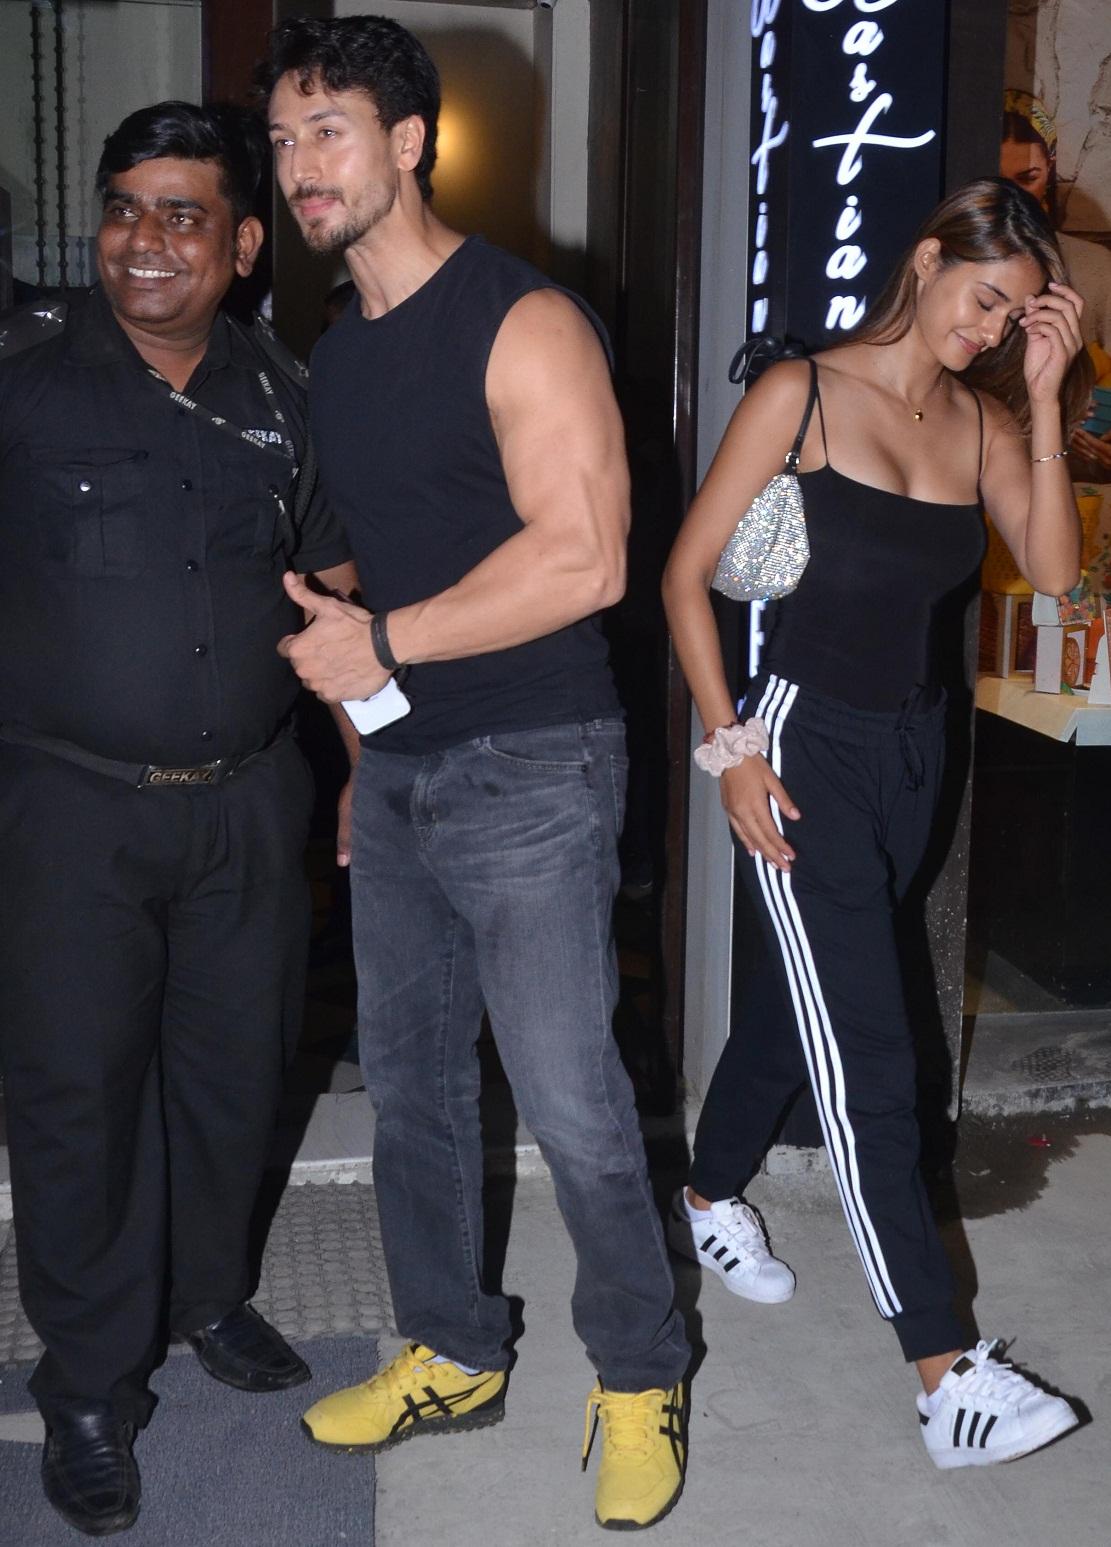 Bollywood Tadka, दिशा पाटनी इमेज, दिशा पाटनी फोटो, दिशा पाटनी पिक्चर, टाइगर श्रॉफ इमेज, टाइगर श्रॉफ फोटो, टाइगर श्रॉफ पिक्चर